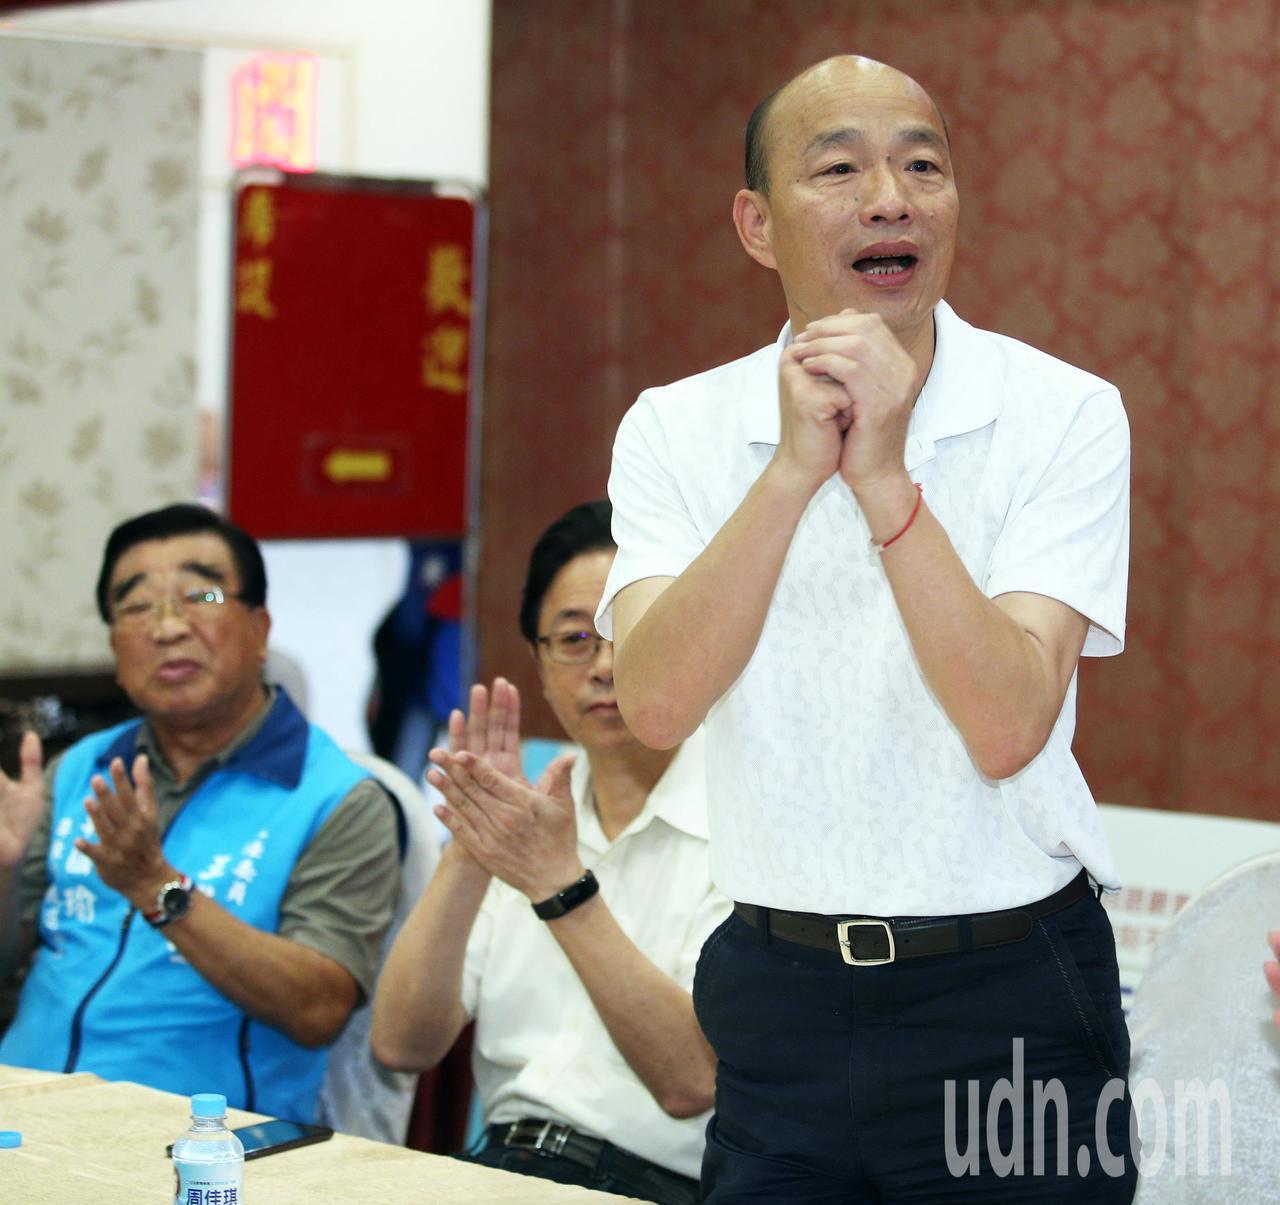 高雄市长韩国瑜,今天中午前往潮州参加「高捷、高铁南延座谈会」,了解地方心声。记者...